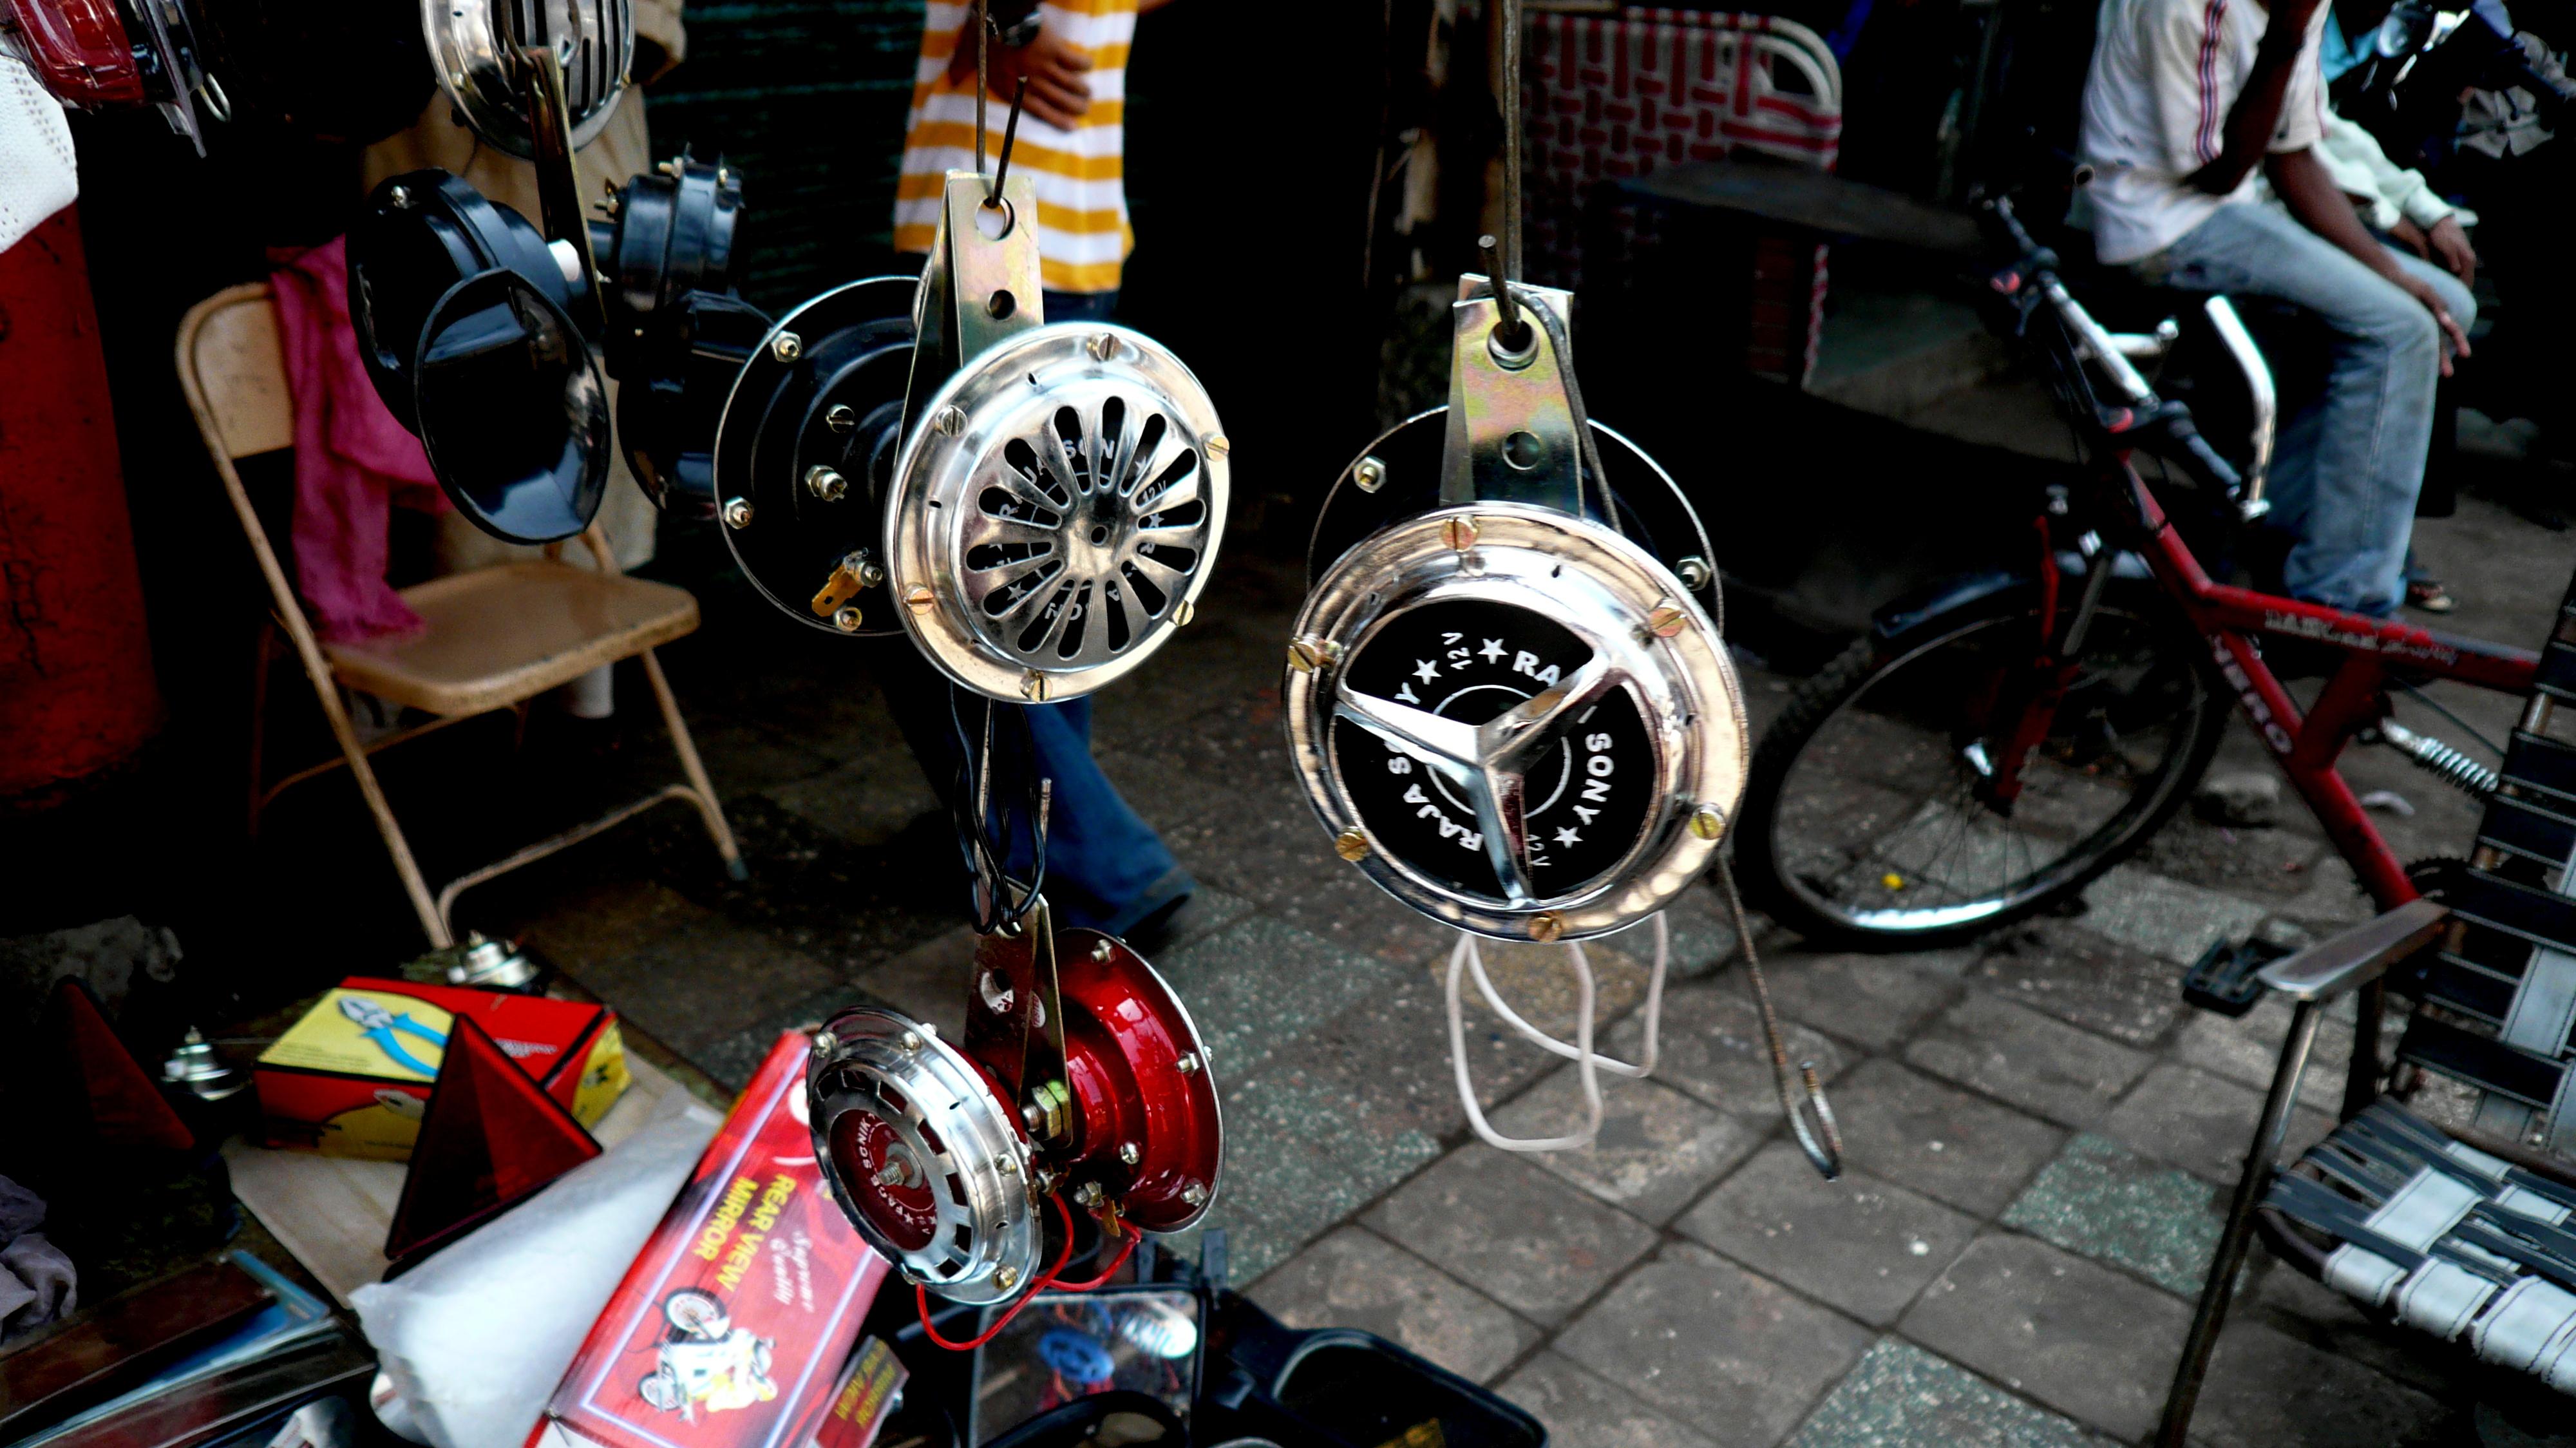 Aacdd O Chor Bazaar Pictures